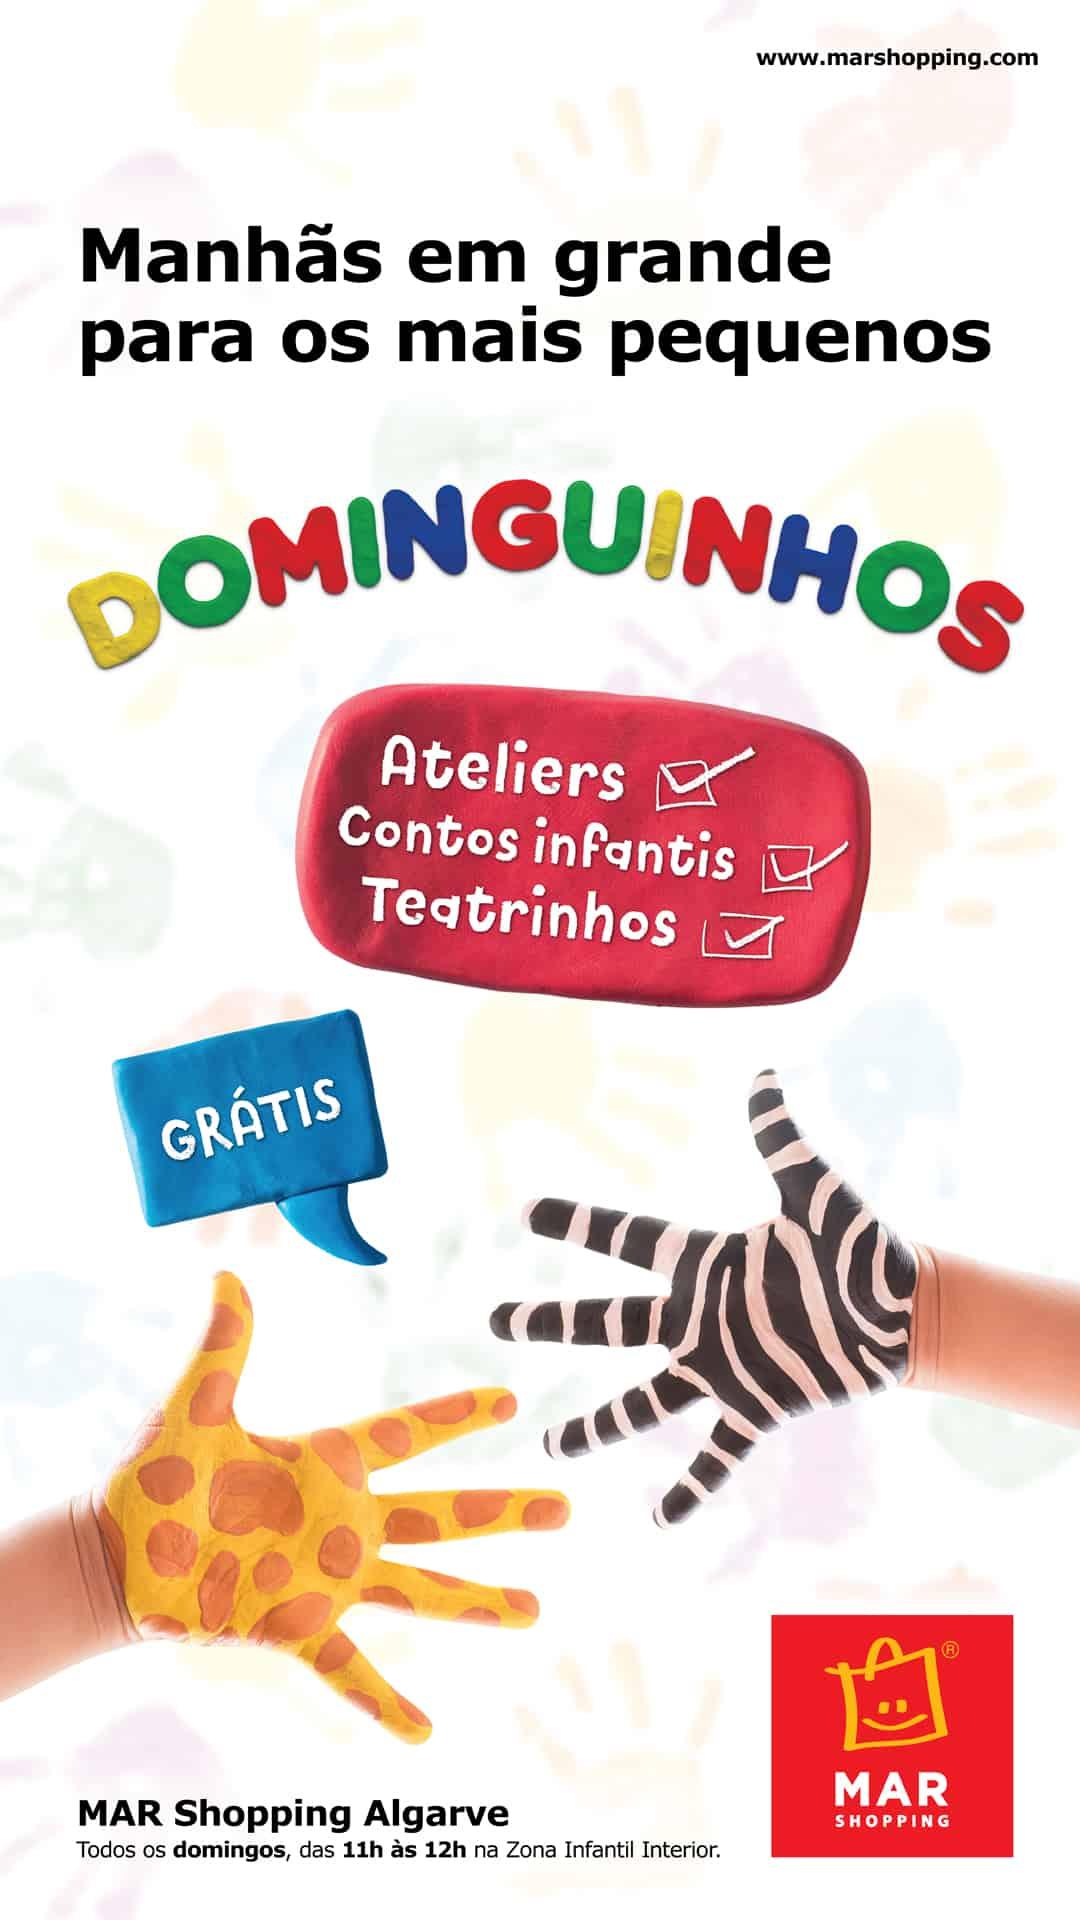 DOMINGUINHOS – O NATAL TEM CORES TÃO BONITAS! VAMOS PINTAR!